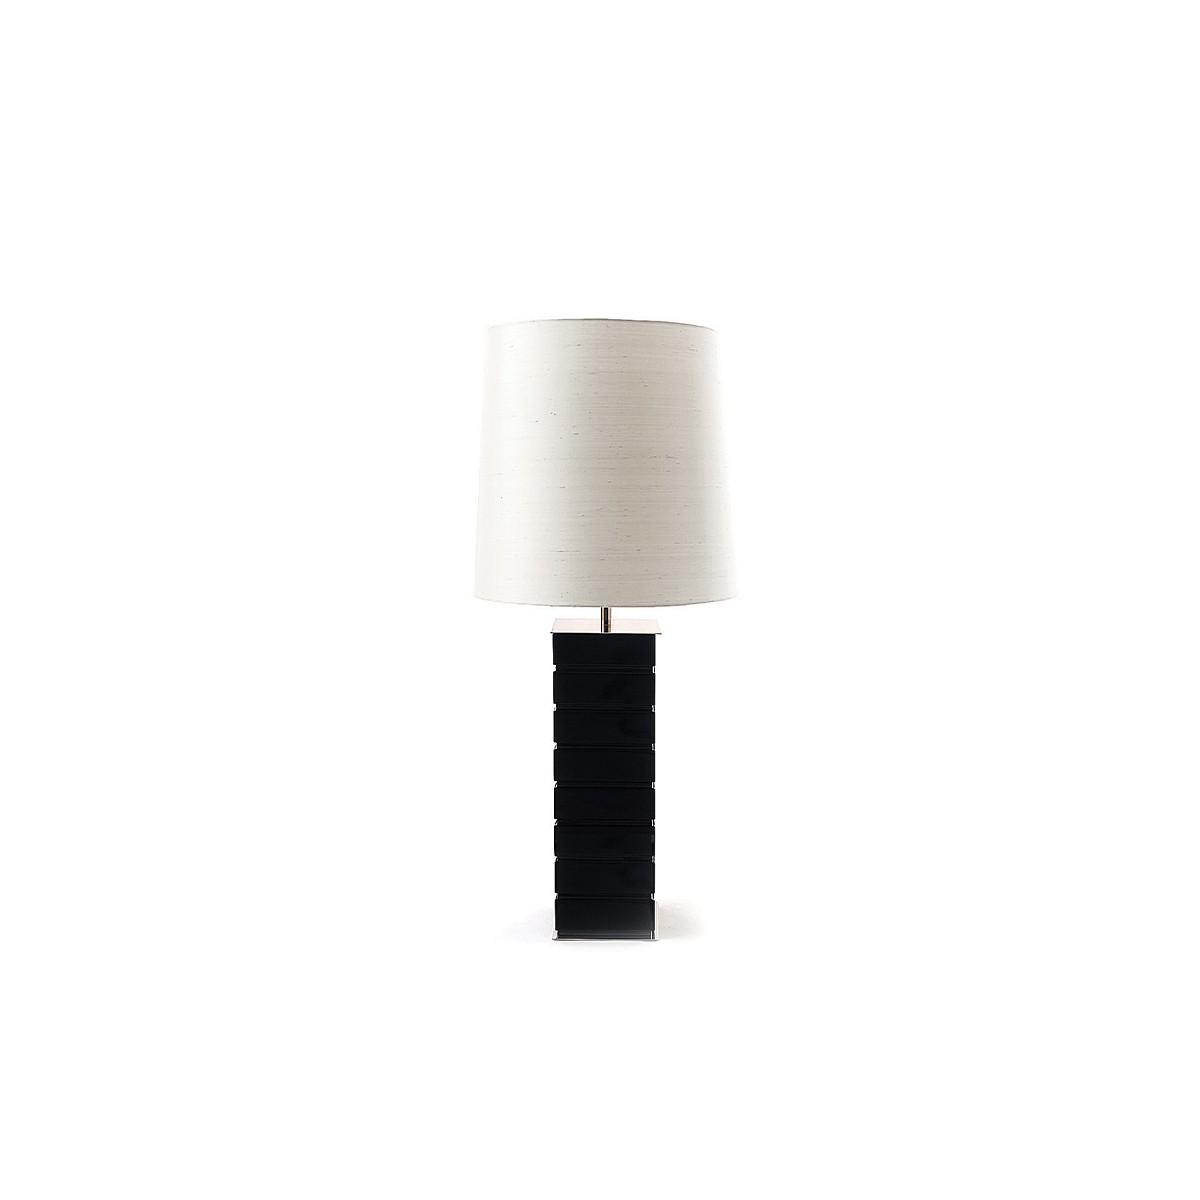 Lámparas de Mesa: Piezas poderosas para un proyecto elegante lámparas de mesa Lámparas de Mesa: Piezas poderosas para un proyecto elegante bombom table lamp